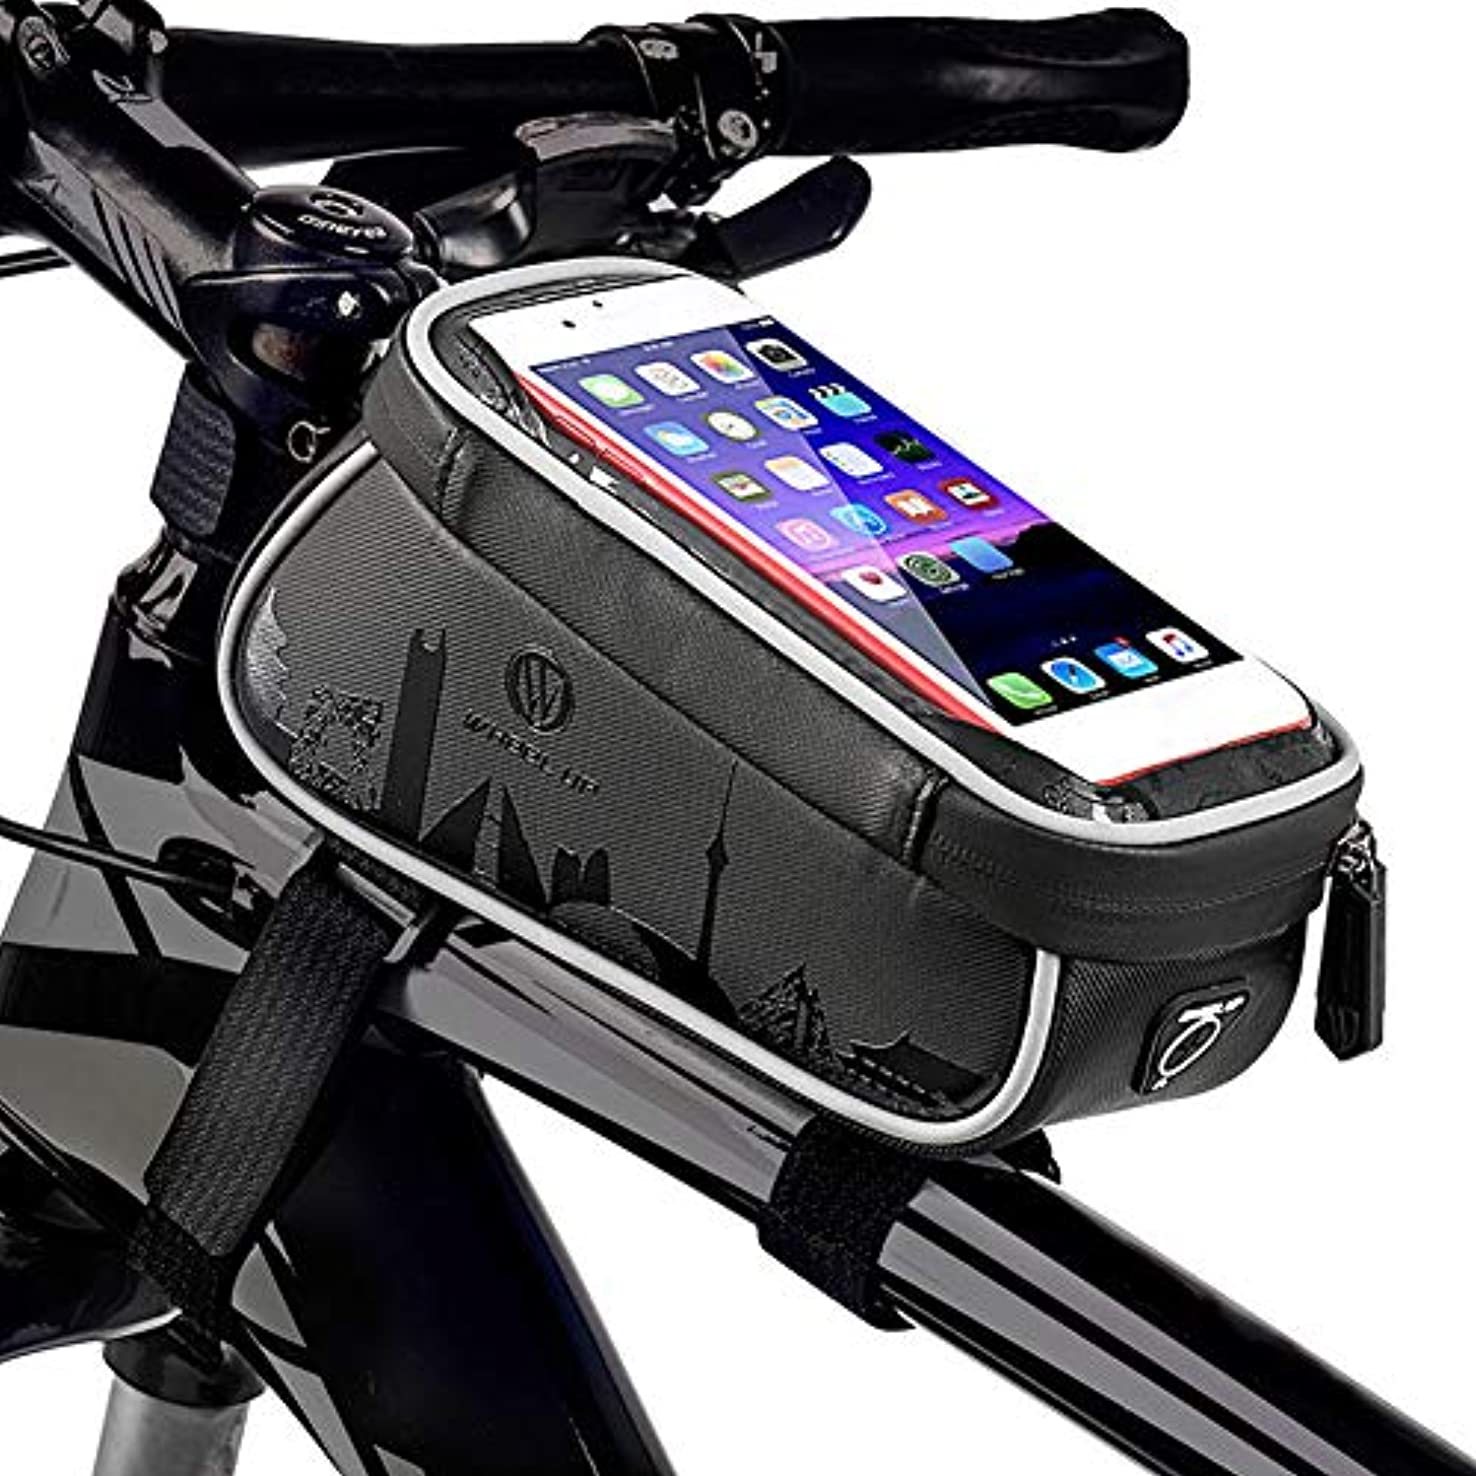 南極遮るリダクターhAohAnwuyg 自転車用フロント収納バッグ Wheelu 自転車用チューブ タッチスクリーン 6.1インチ 携帯電話ポーチ ブラック